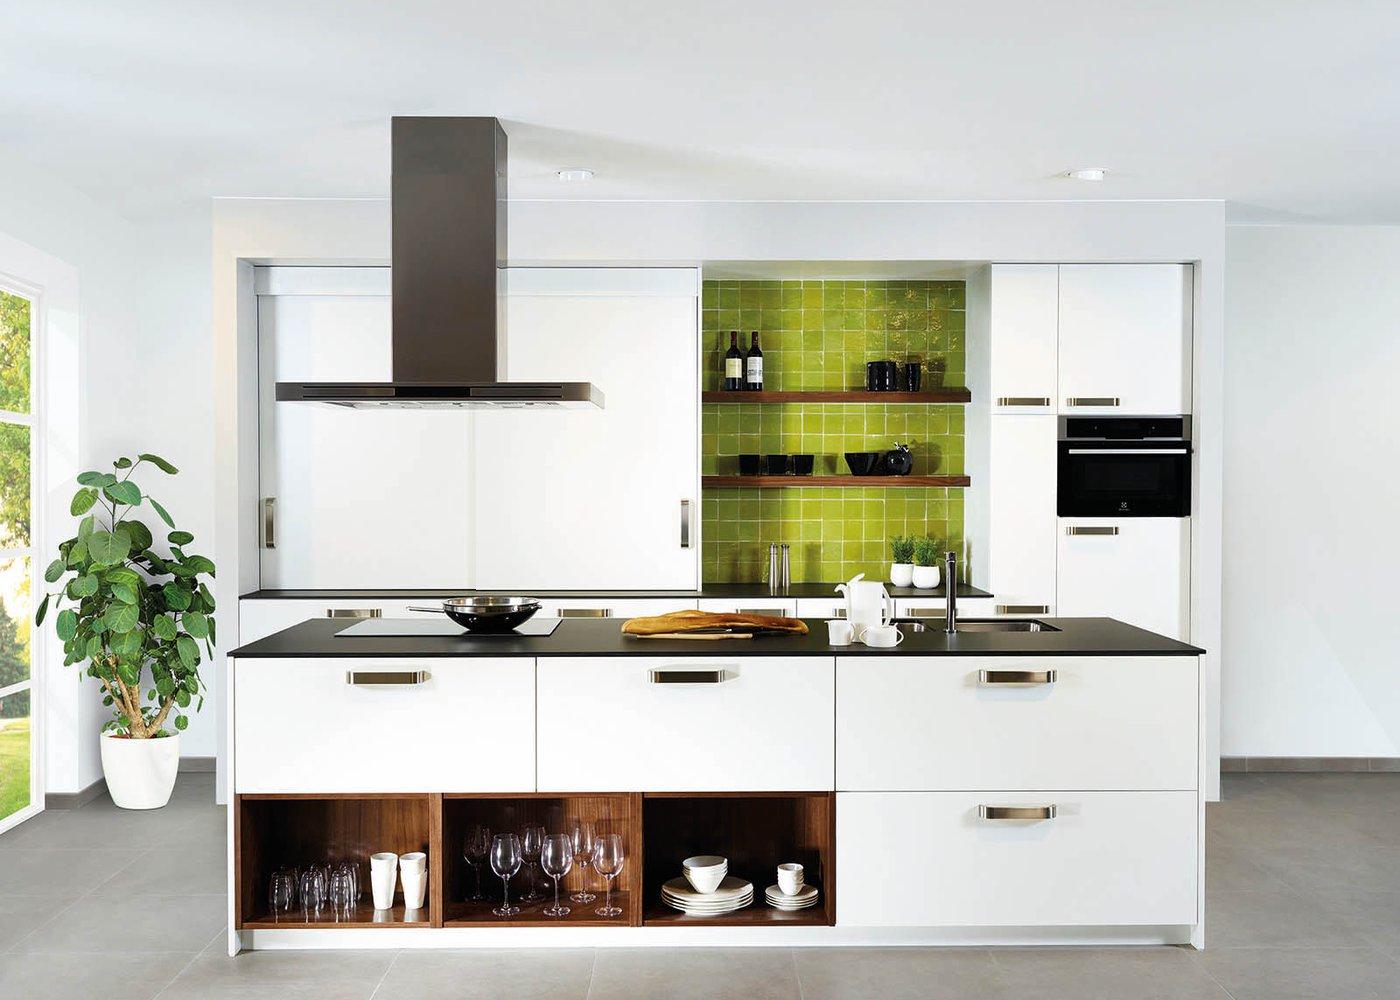 Cuisine moderne blanche en stratifié plein front - Modèle Toronto